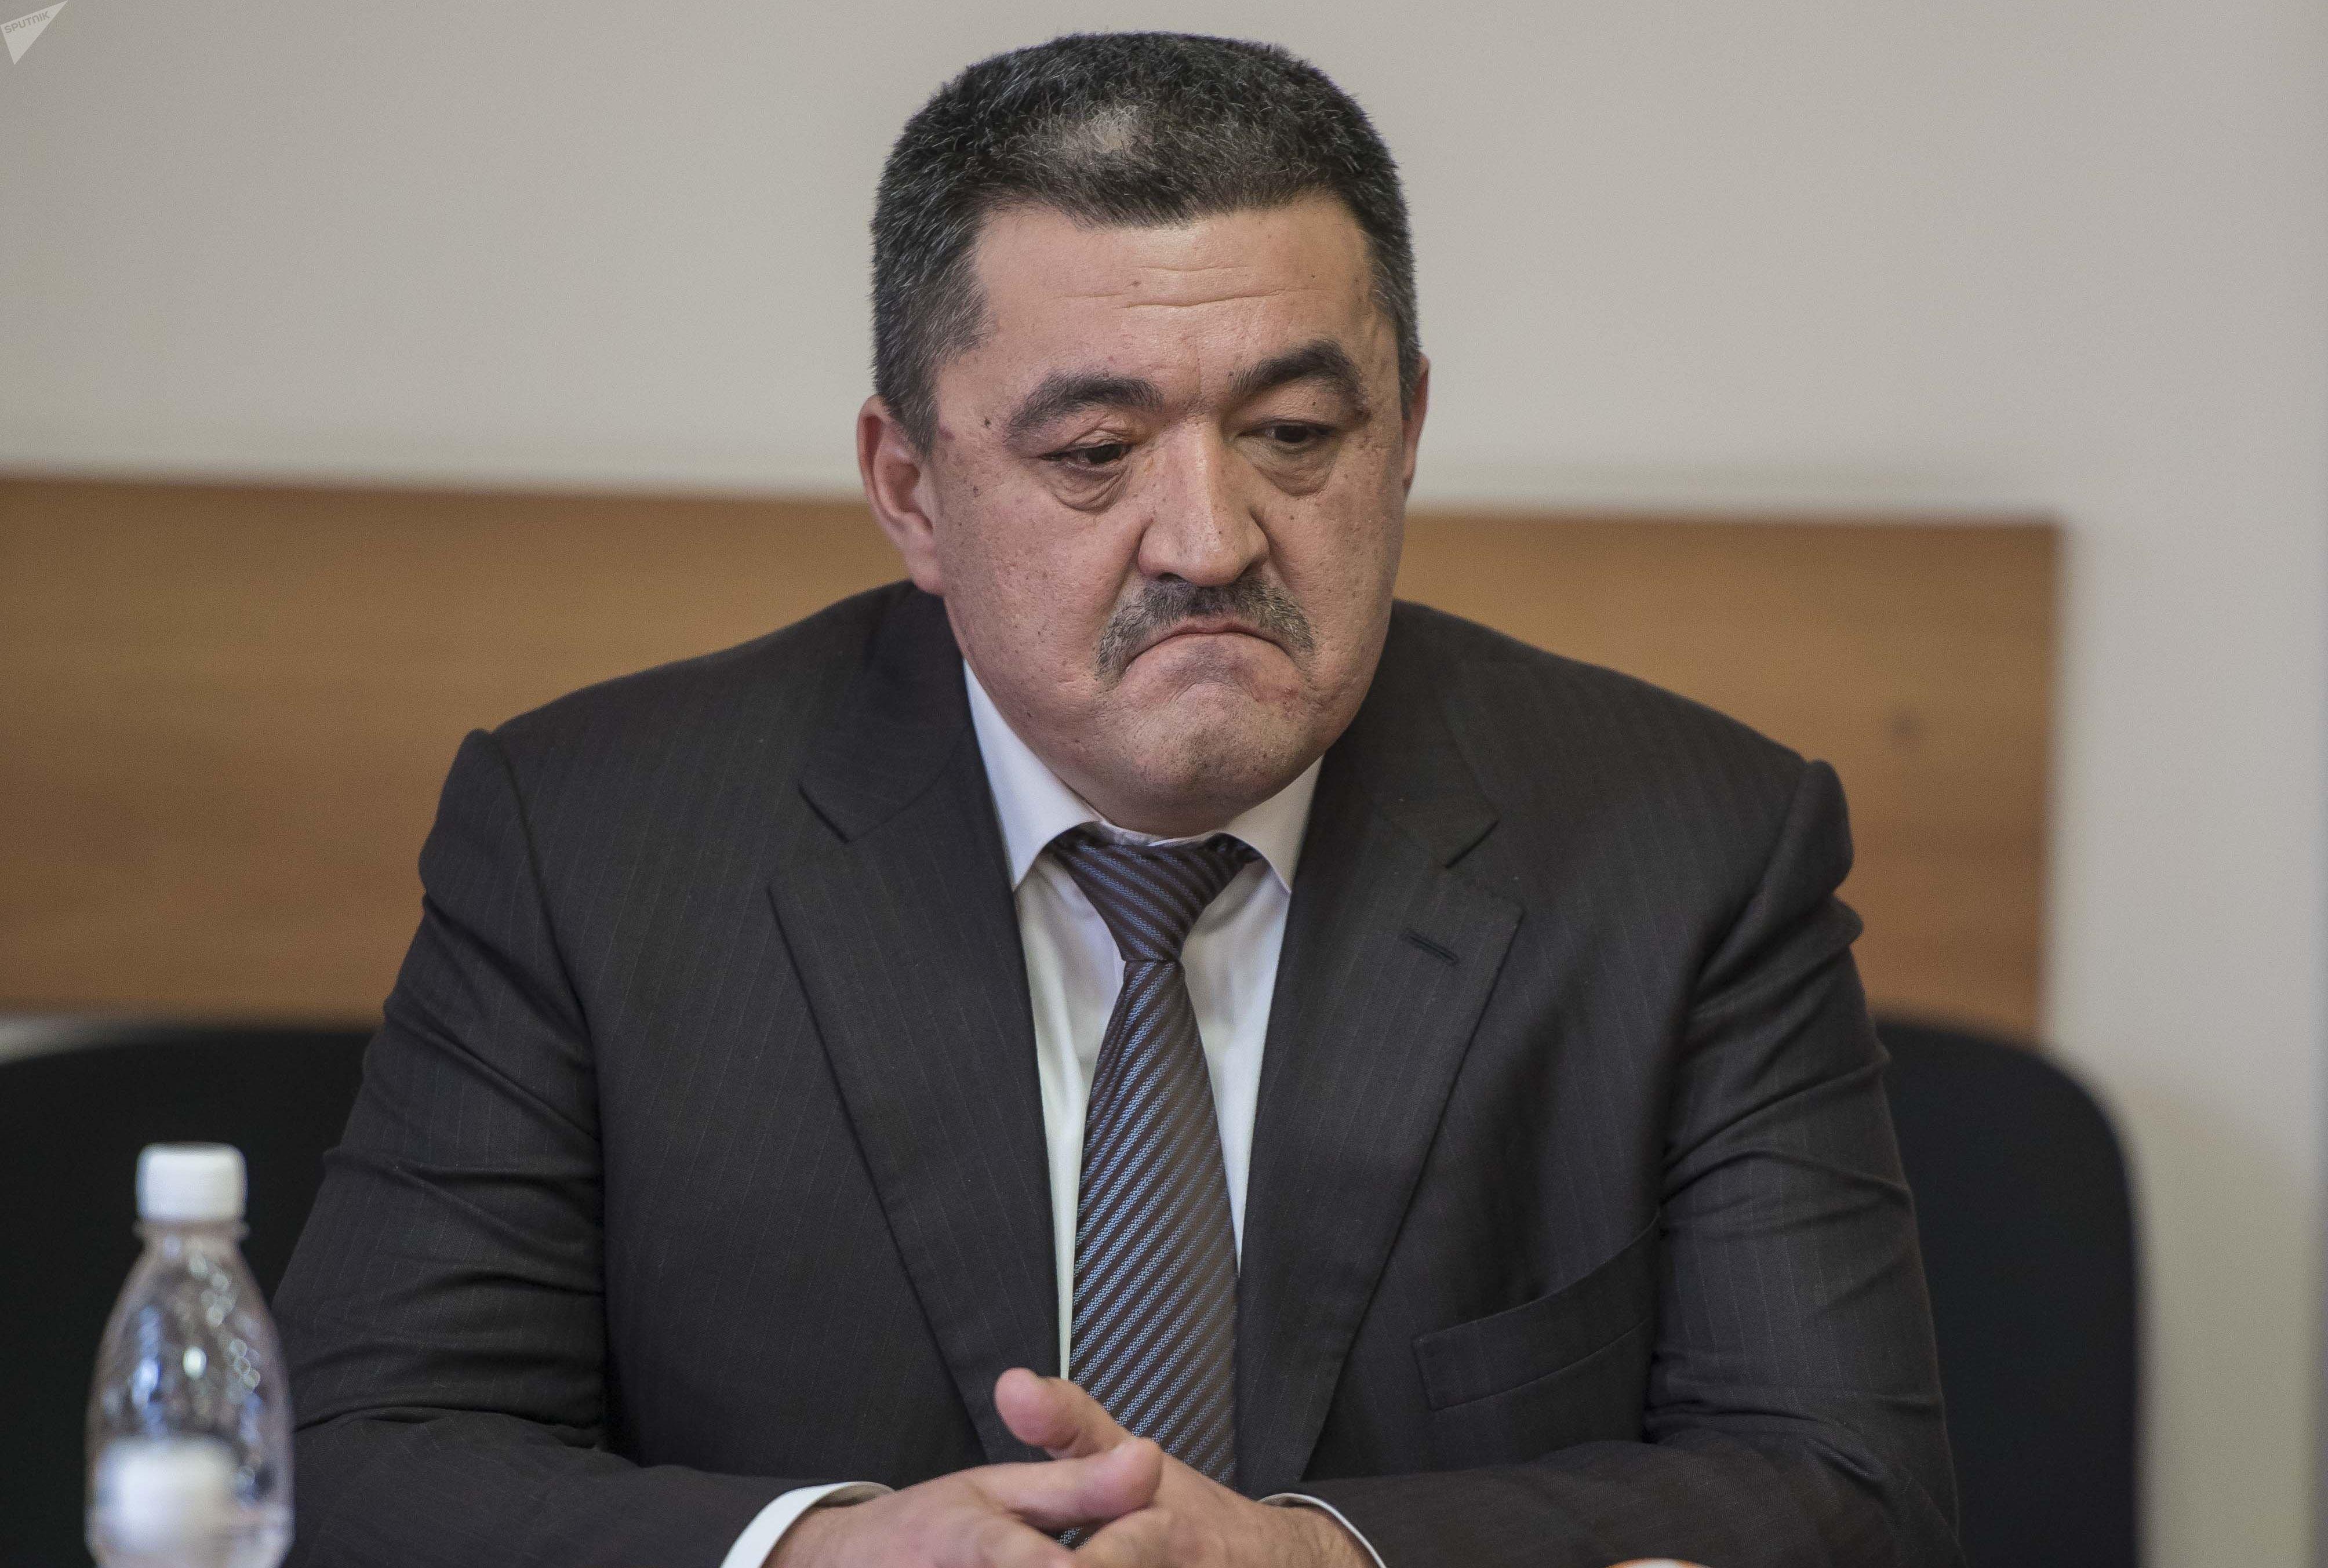 Кандидат на должность мэра Бишкека Албек Ибраимов во время сдачи экзамена по государственному языку